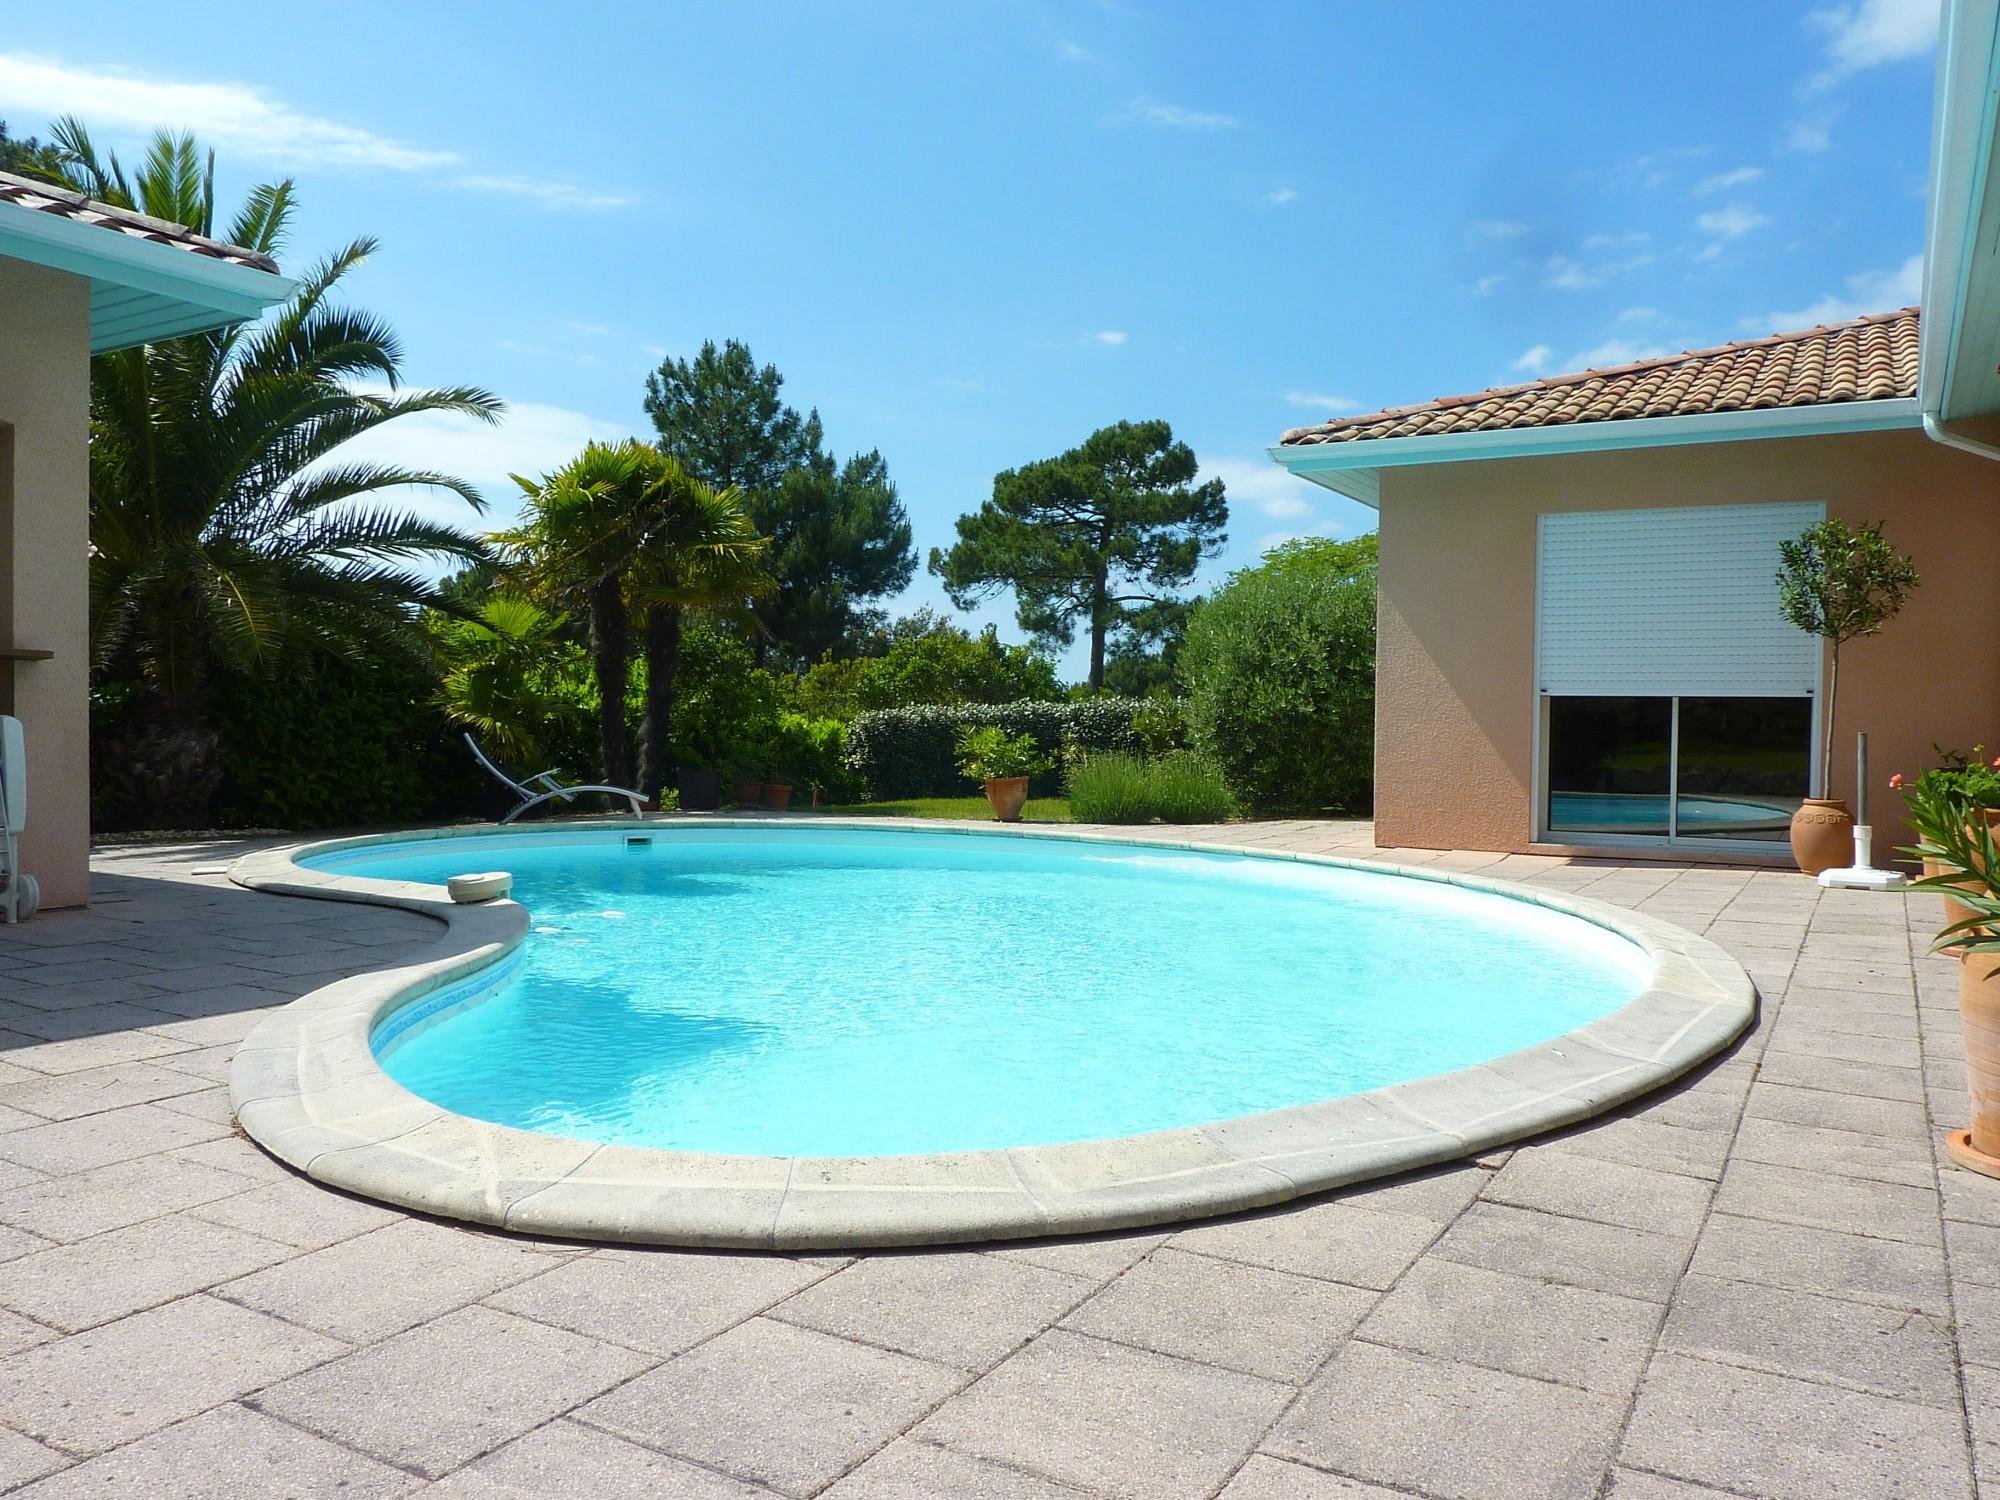 Vendu exclusivit pyla sur mer domaine priv villa for Recherche villa avec piscine